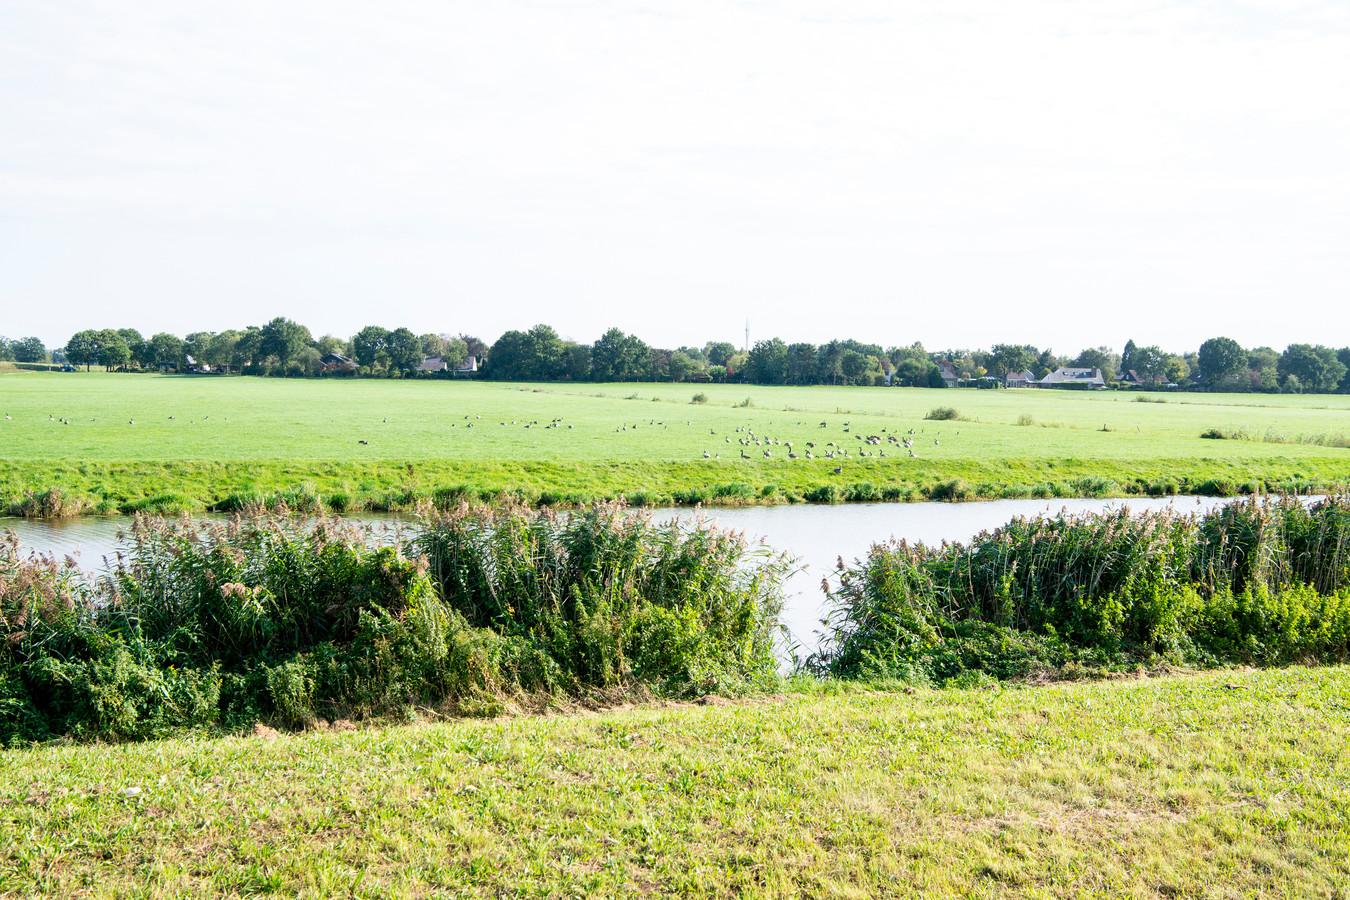 Uitzicht vanaf de berm van de N34 in de bocht van de Vecht op de Baalder Uiterwaard. Dit landbouwgebied wordt volgend jaar ingericht als natuurgebied, afgewisseld met natuur-inclusieve landbouw.